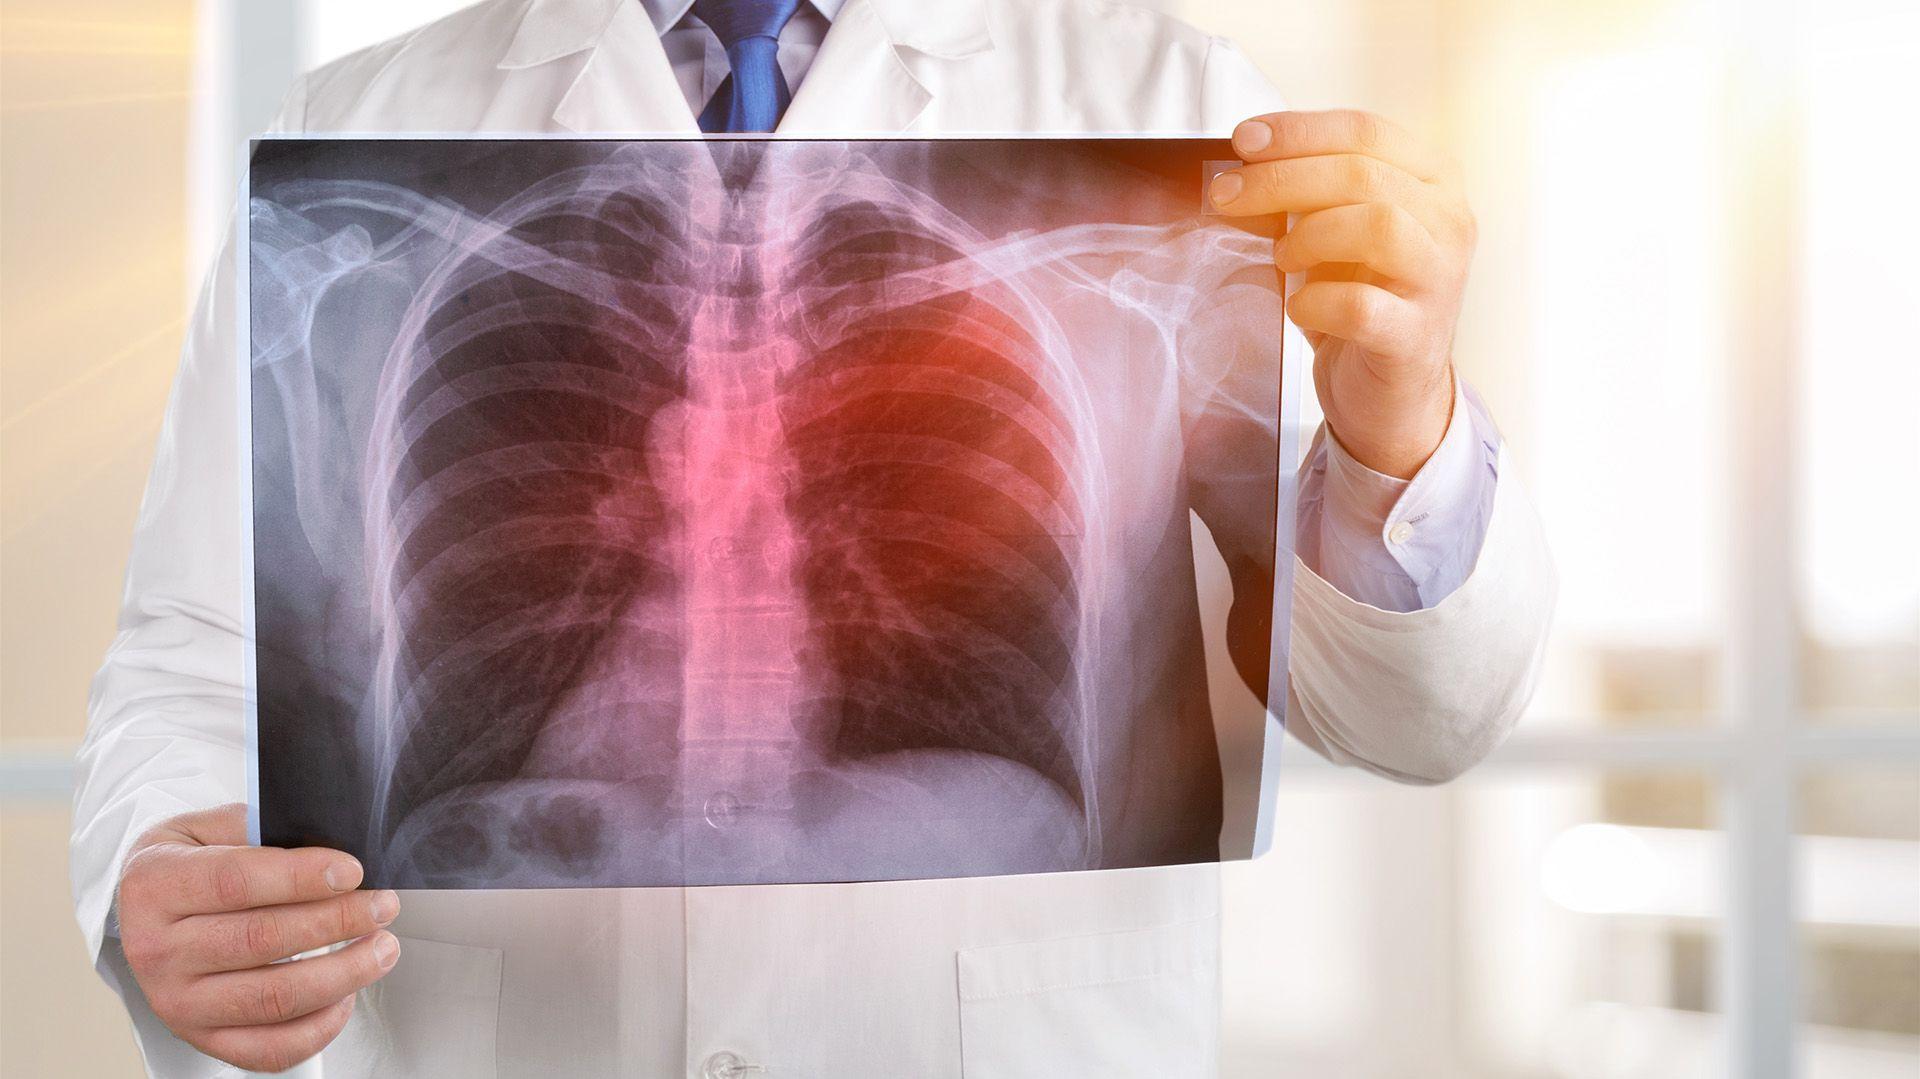 La tuberculosis es una enfermedad infectocontagiosa, prevenible y curable (Shutterstock)